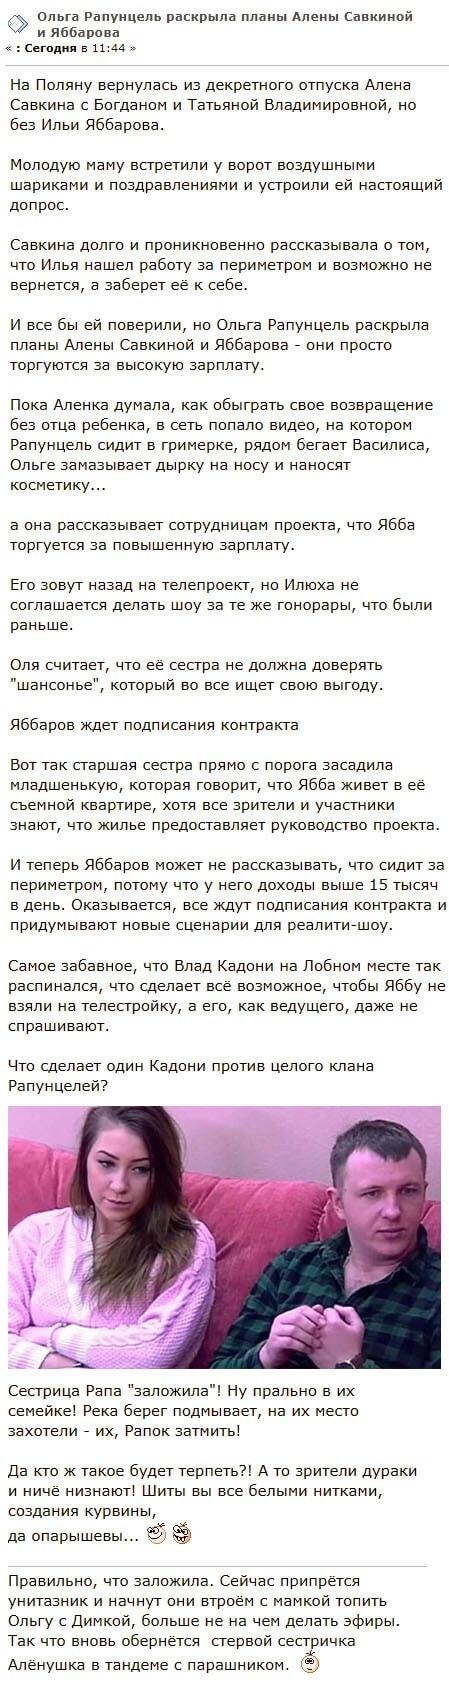 Ольга Рапунцель с потрохами сдала все планы родной сестры